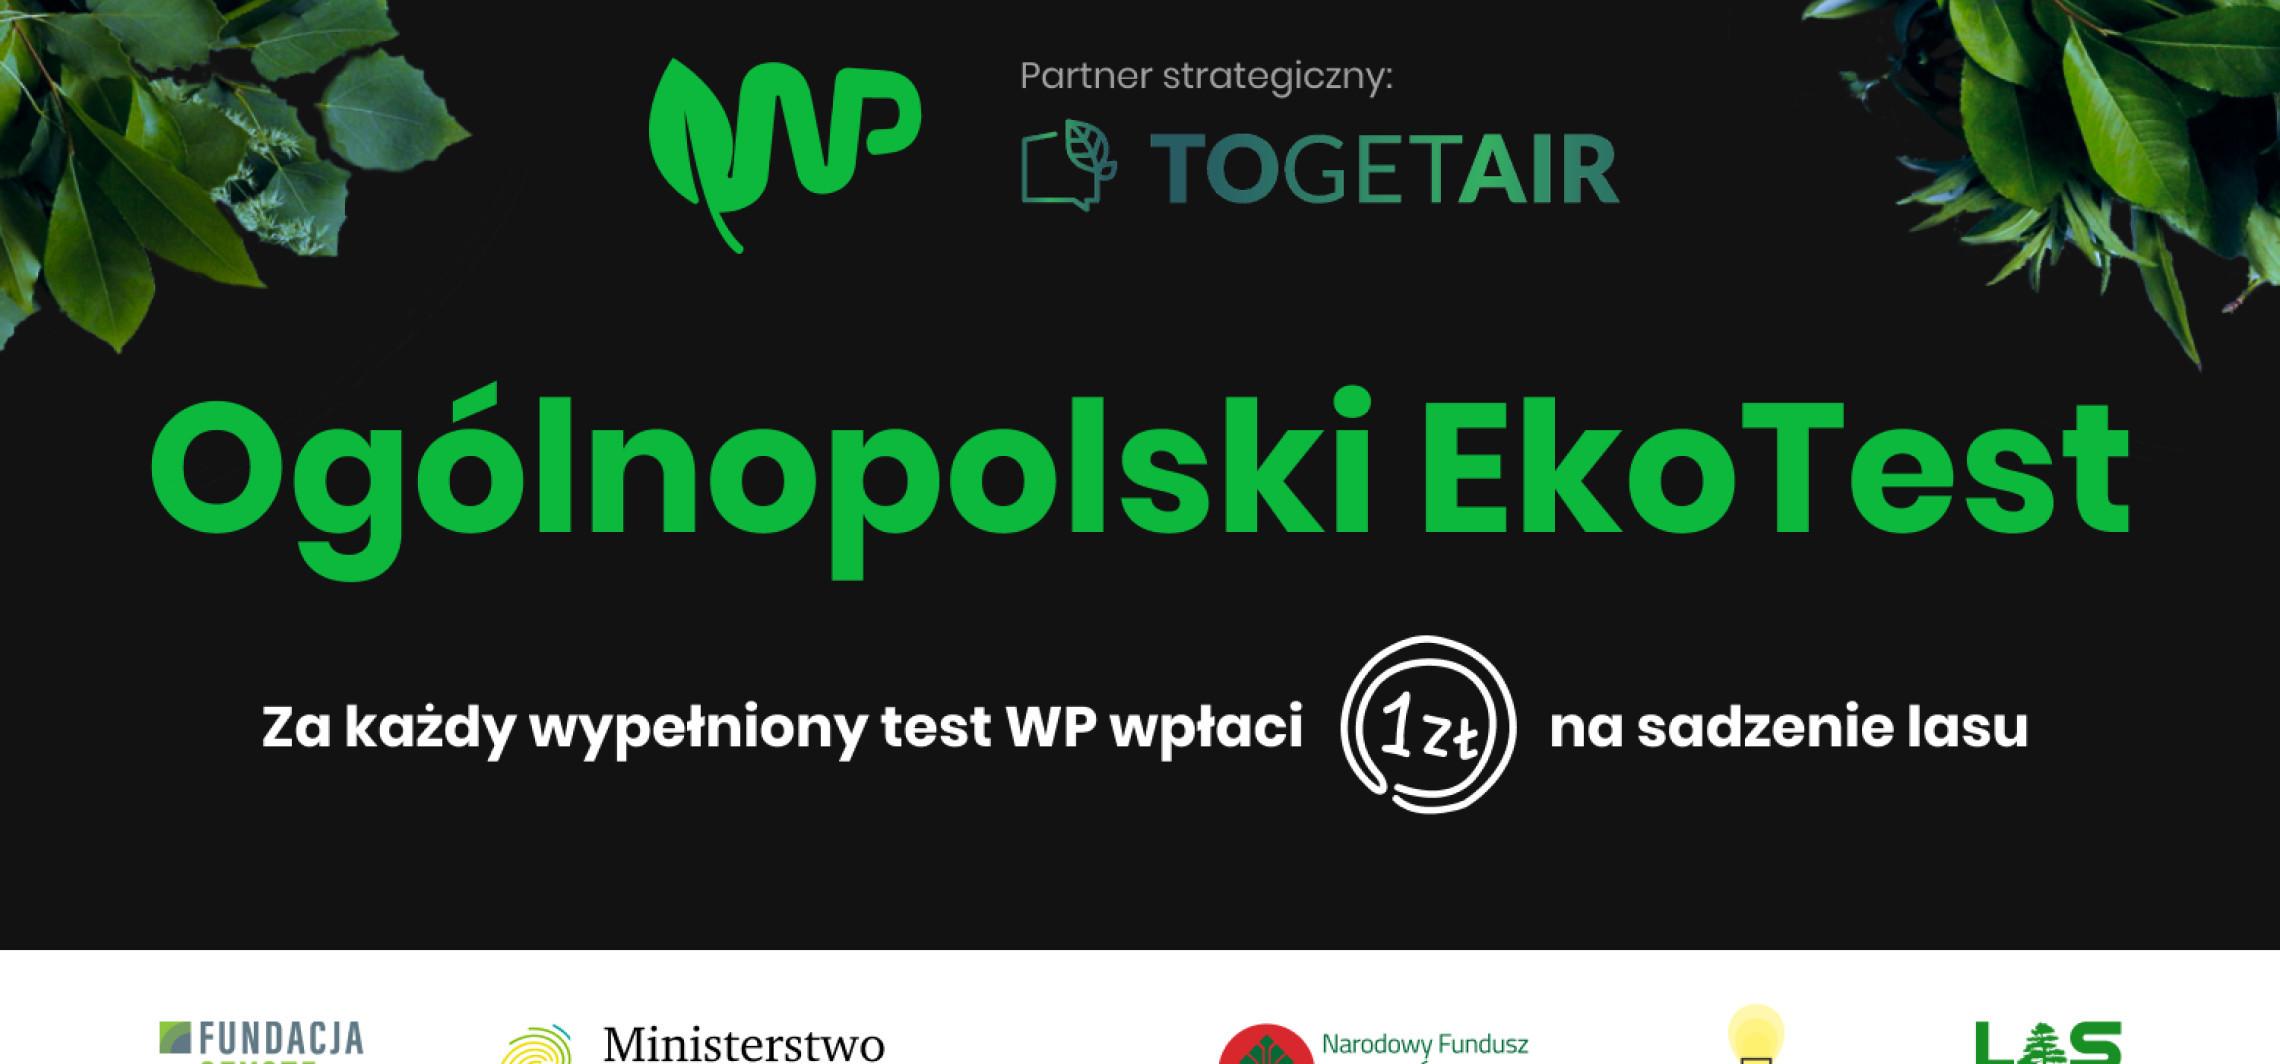 Inowrocław - Zielona środa: Sprawdź się w EkoTeście